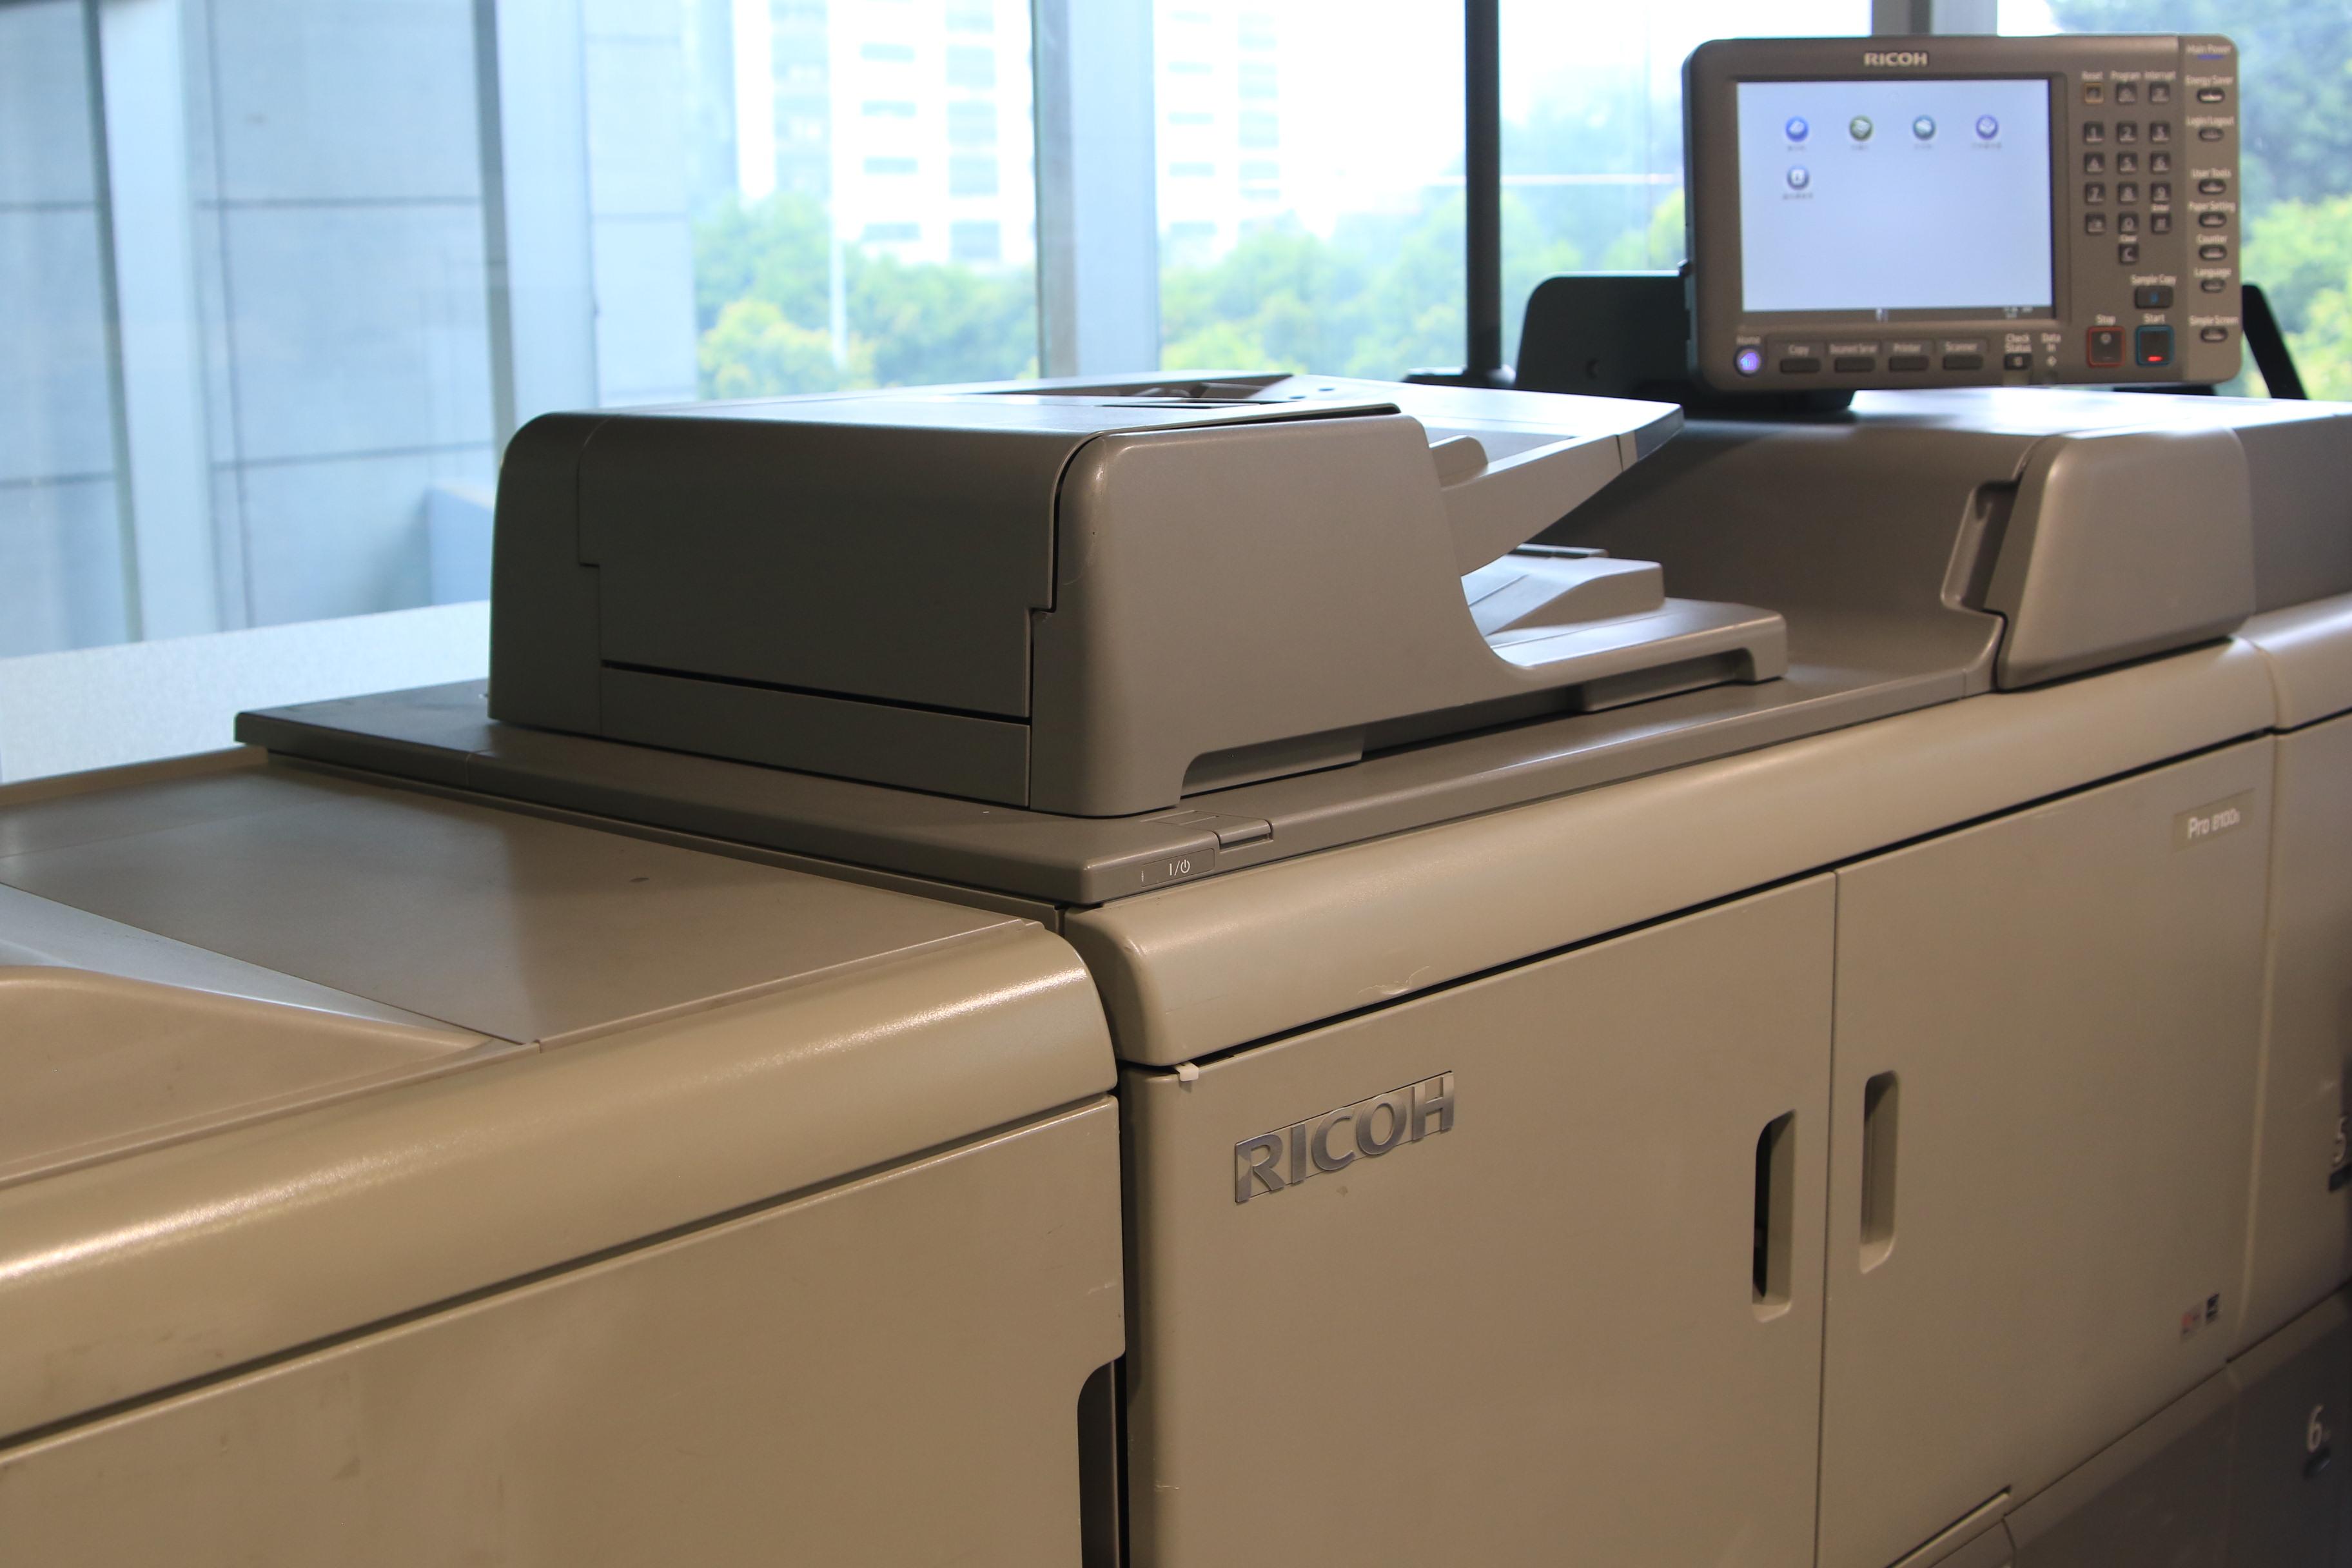 砹石图文高速黑白激光数码印刷质量可靠立等可取欢迎来店洽谈合作!